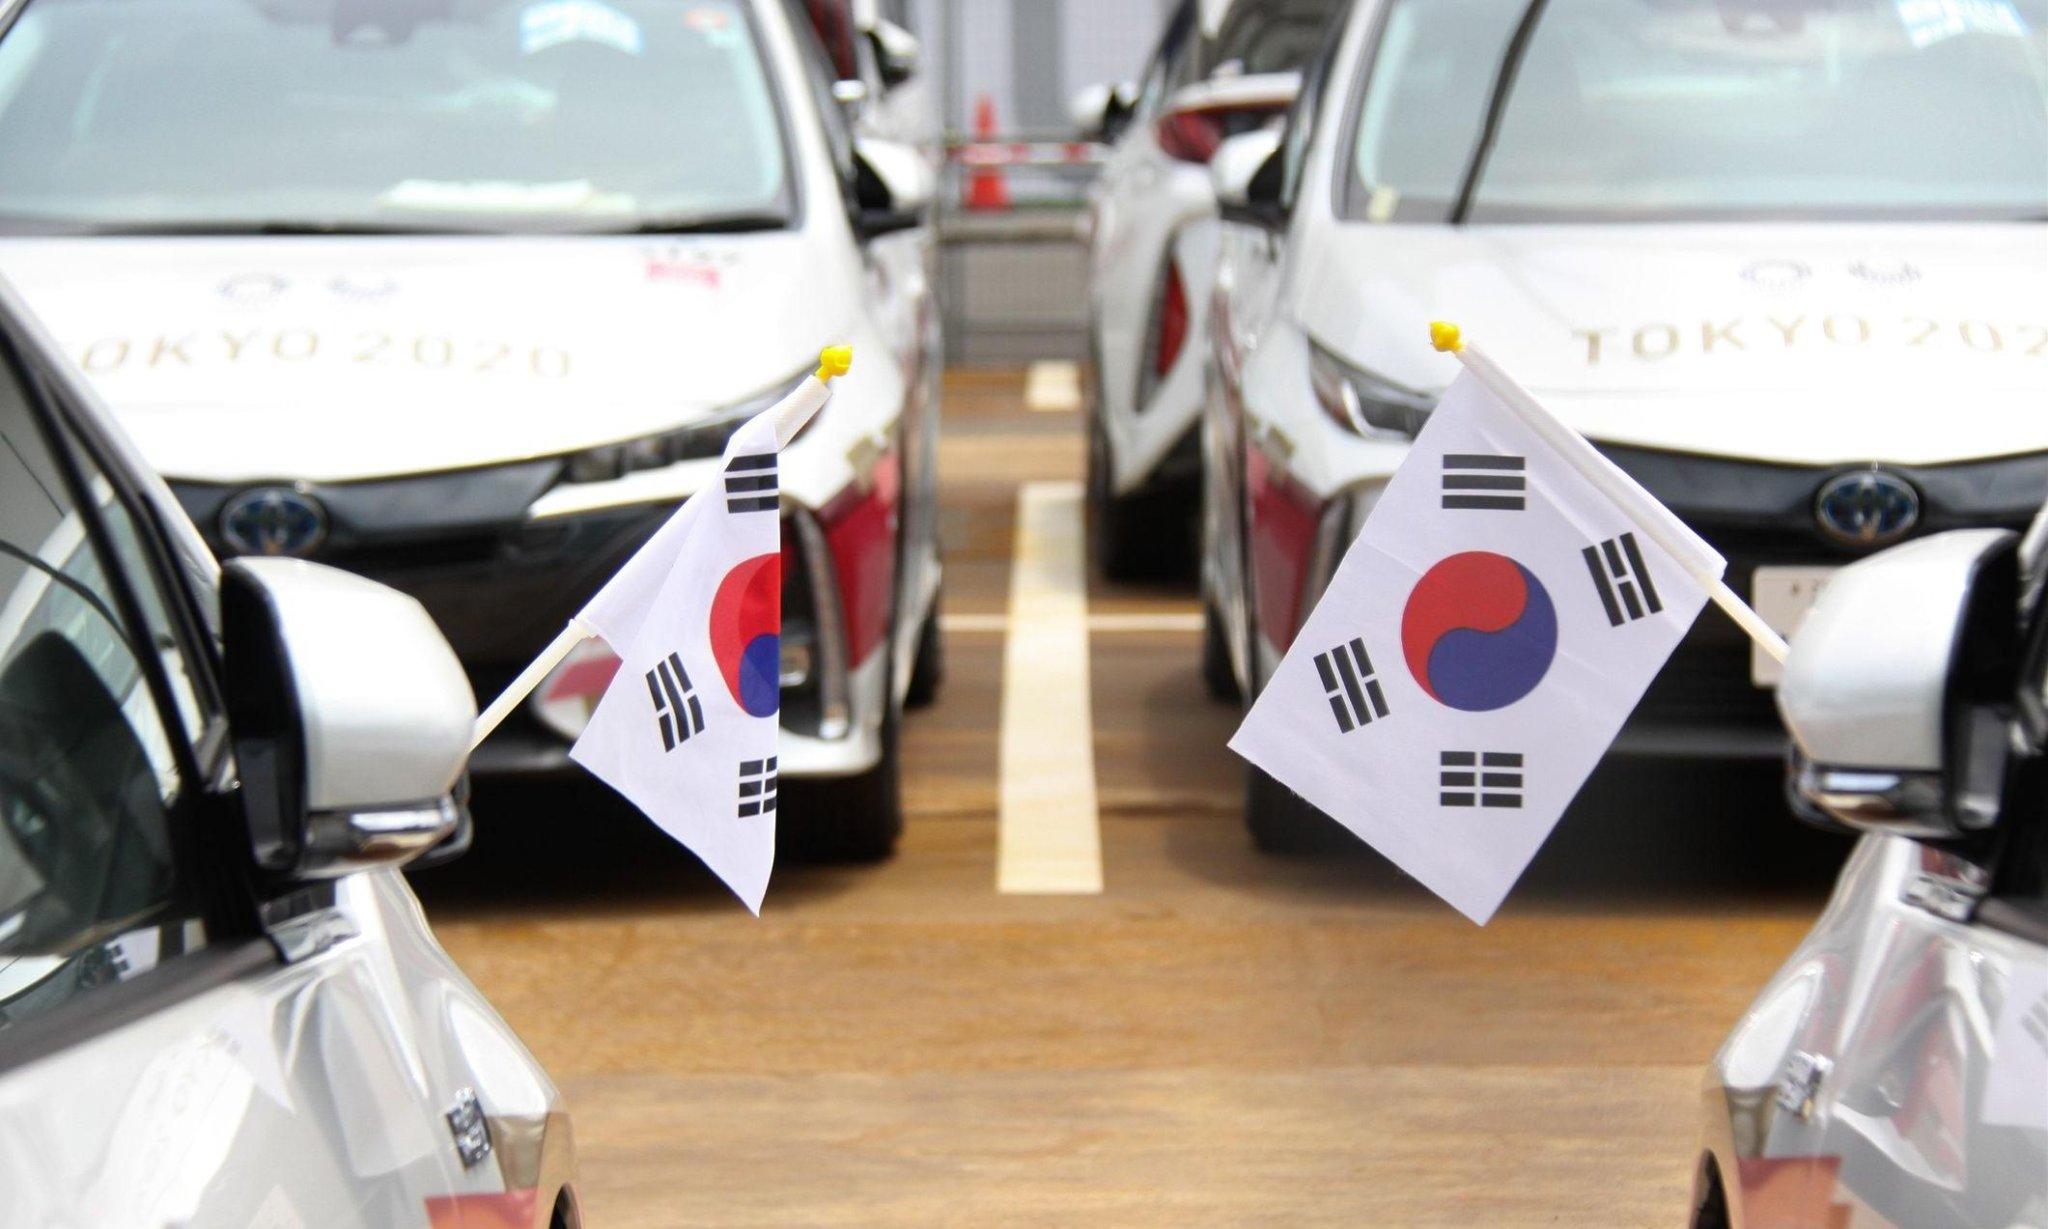 carros toyota que seriam usados nas olimpiadas portando bandeiras da coreia do sul shutterstock